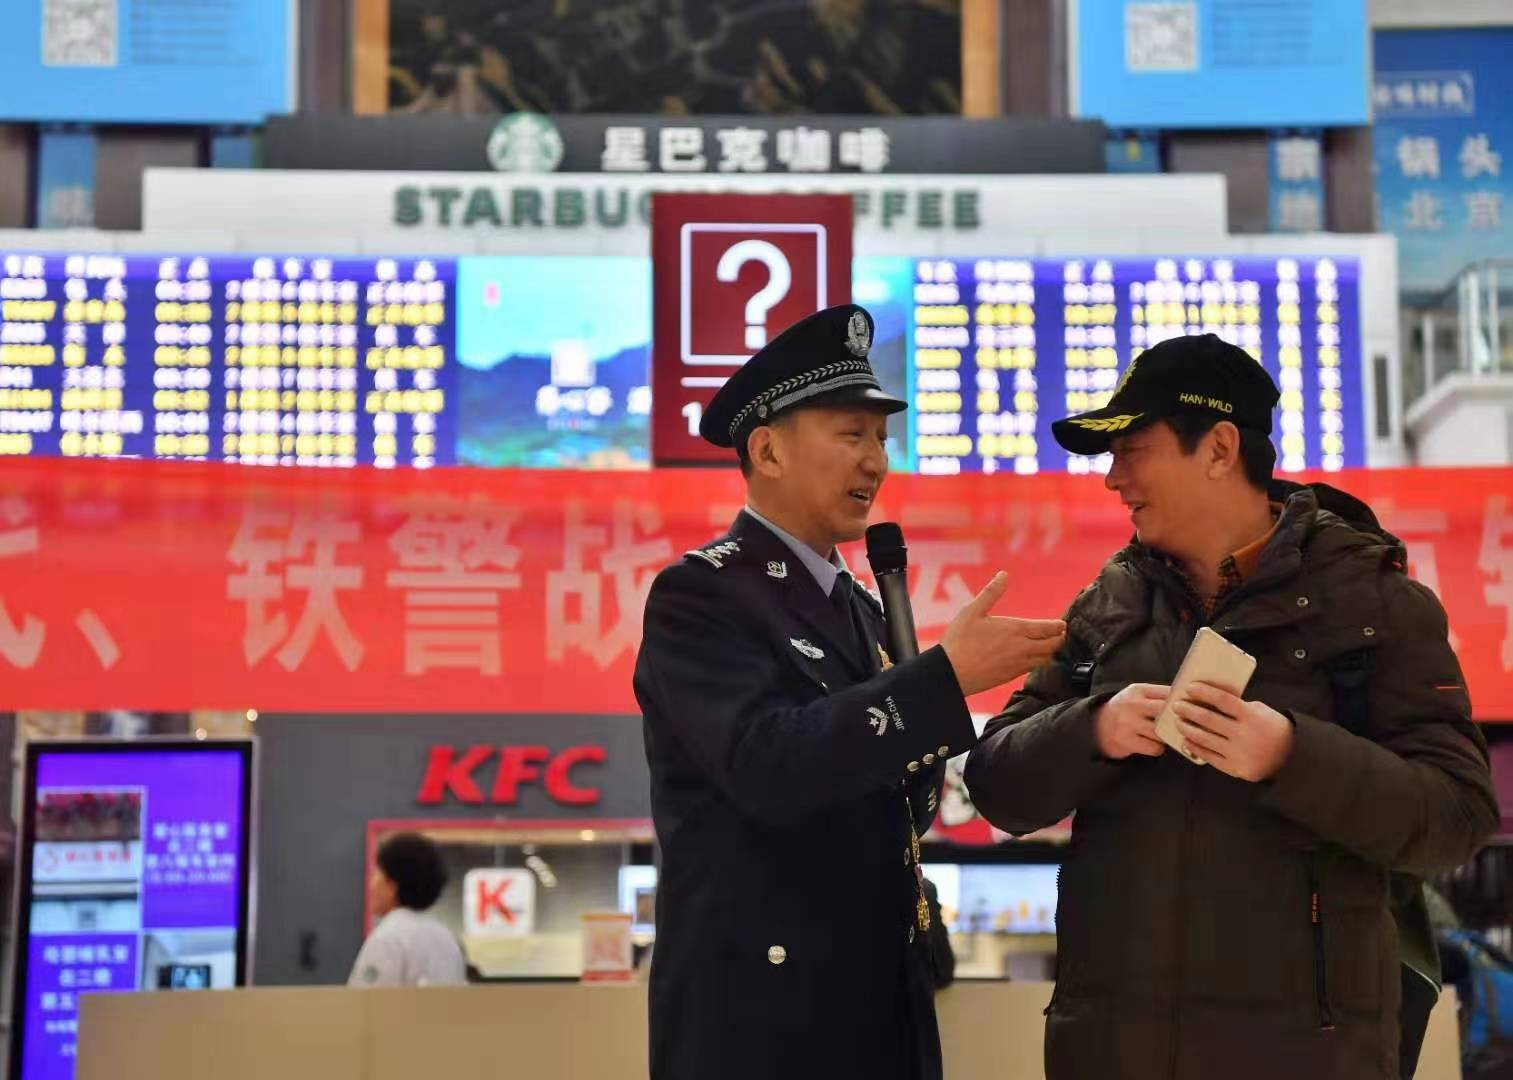 民警王志平现场演示反扒知识。新京报记者 李木易 摄